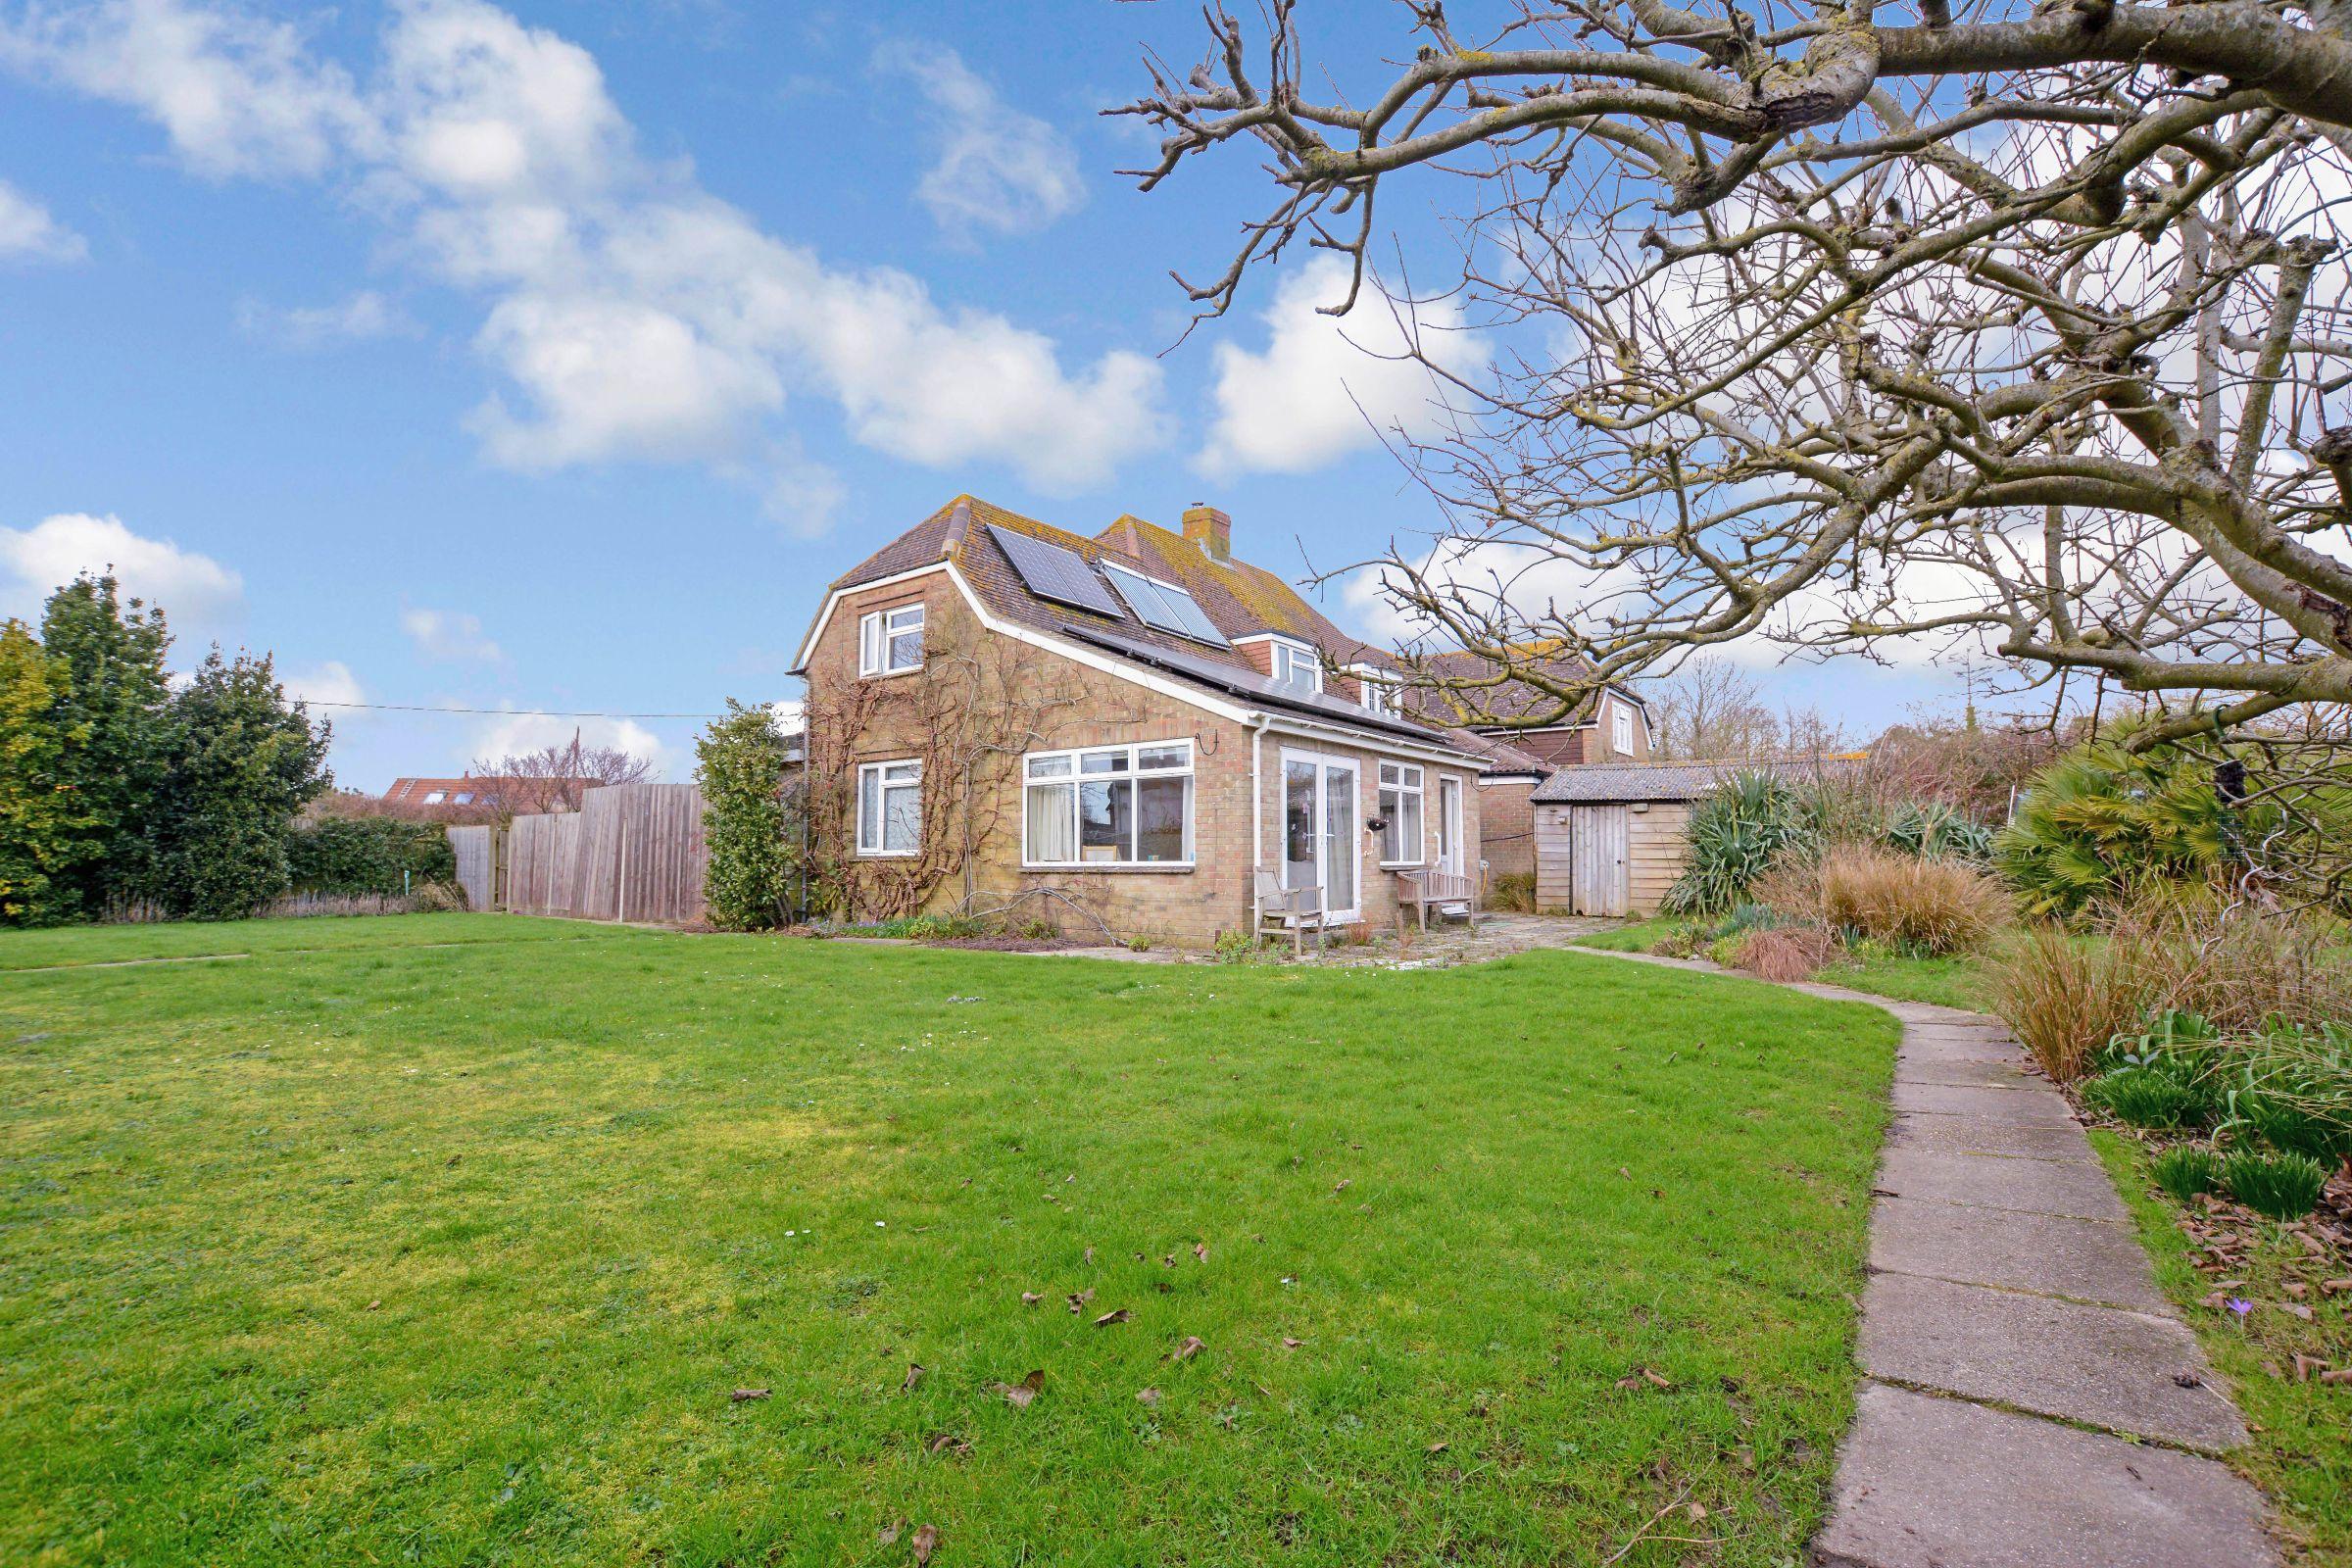 Keynor Lane, Sidlesham, Chichester